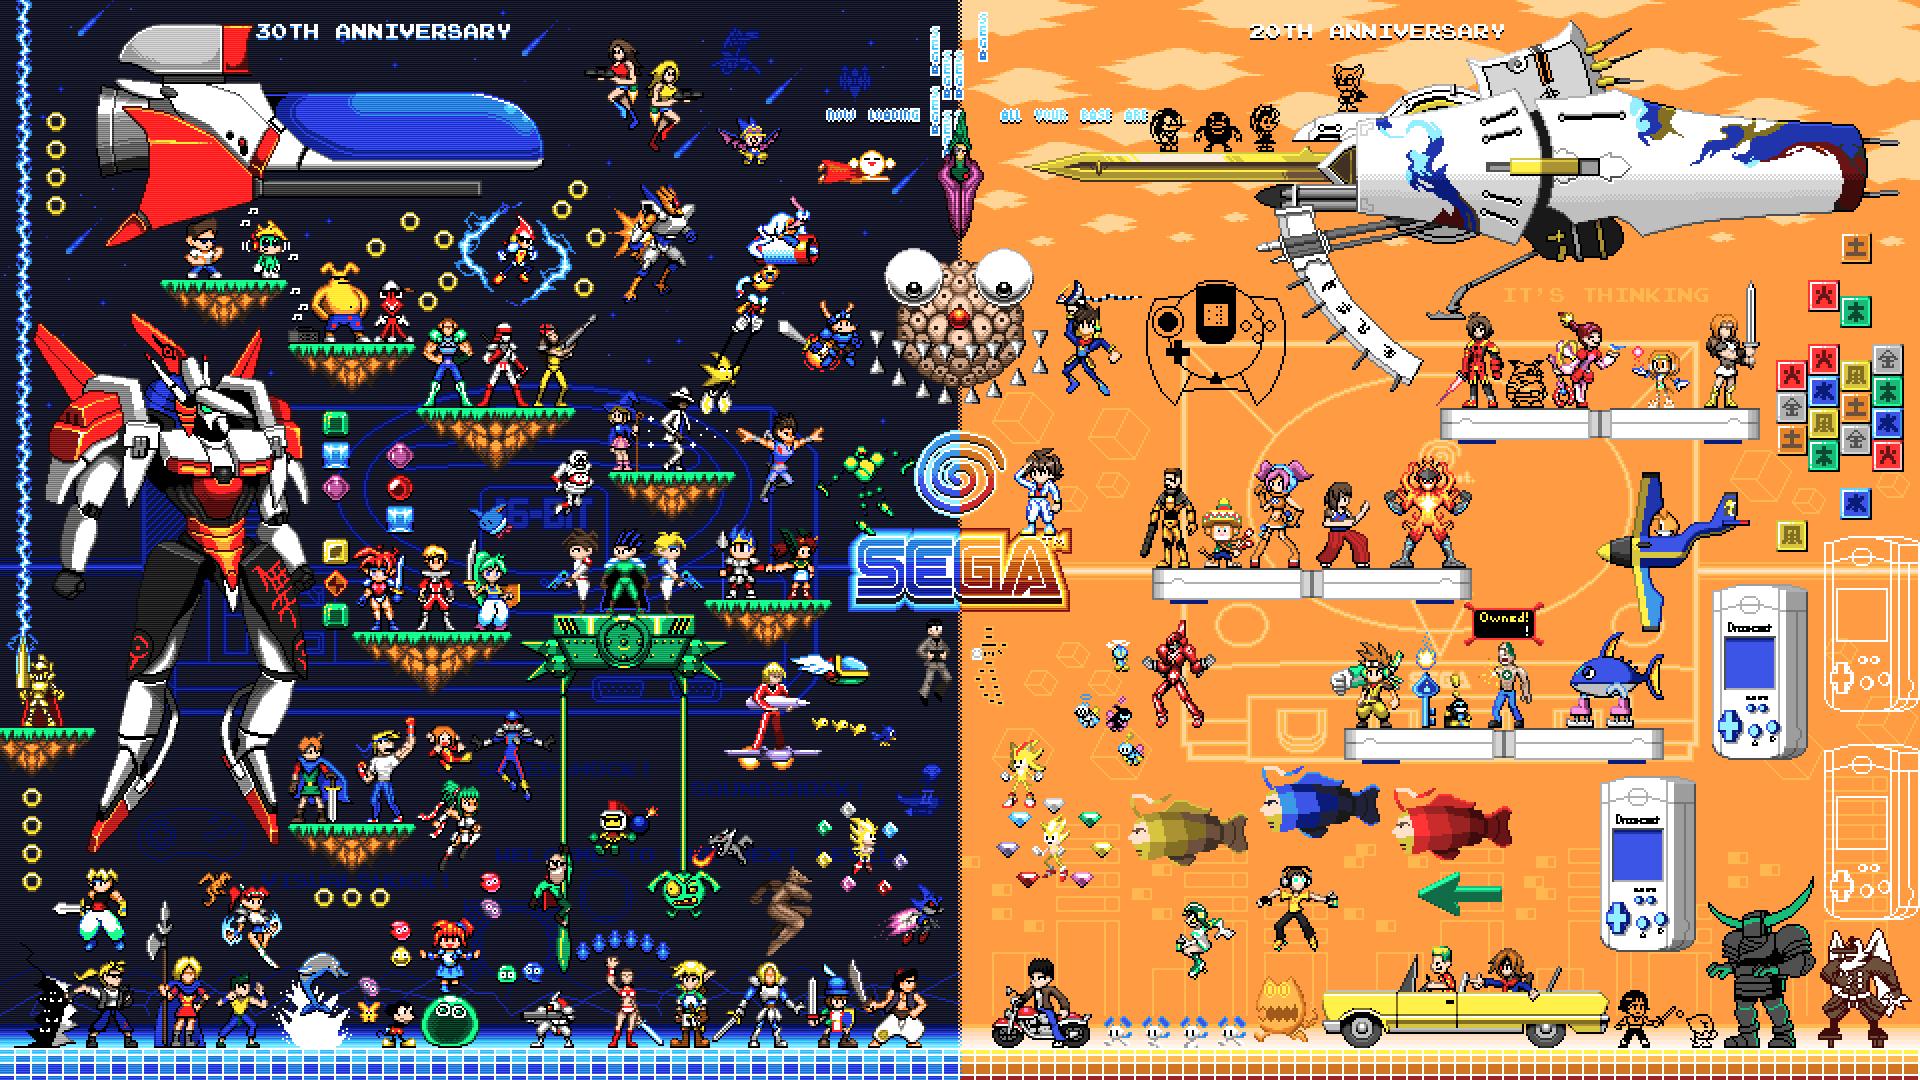 Sega Mega Drive and Dreamcast